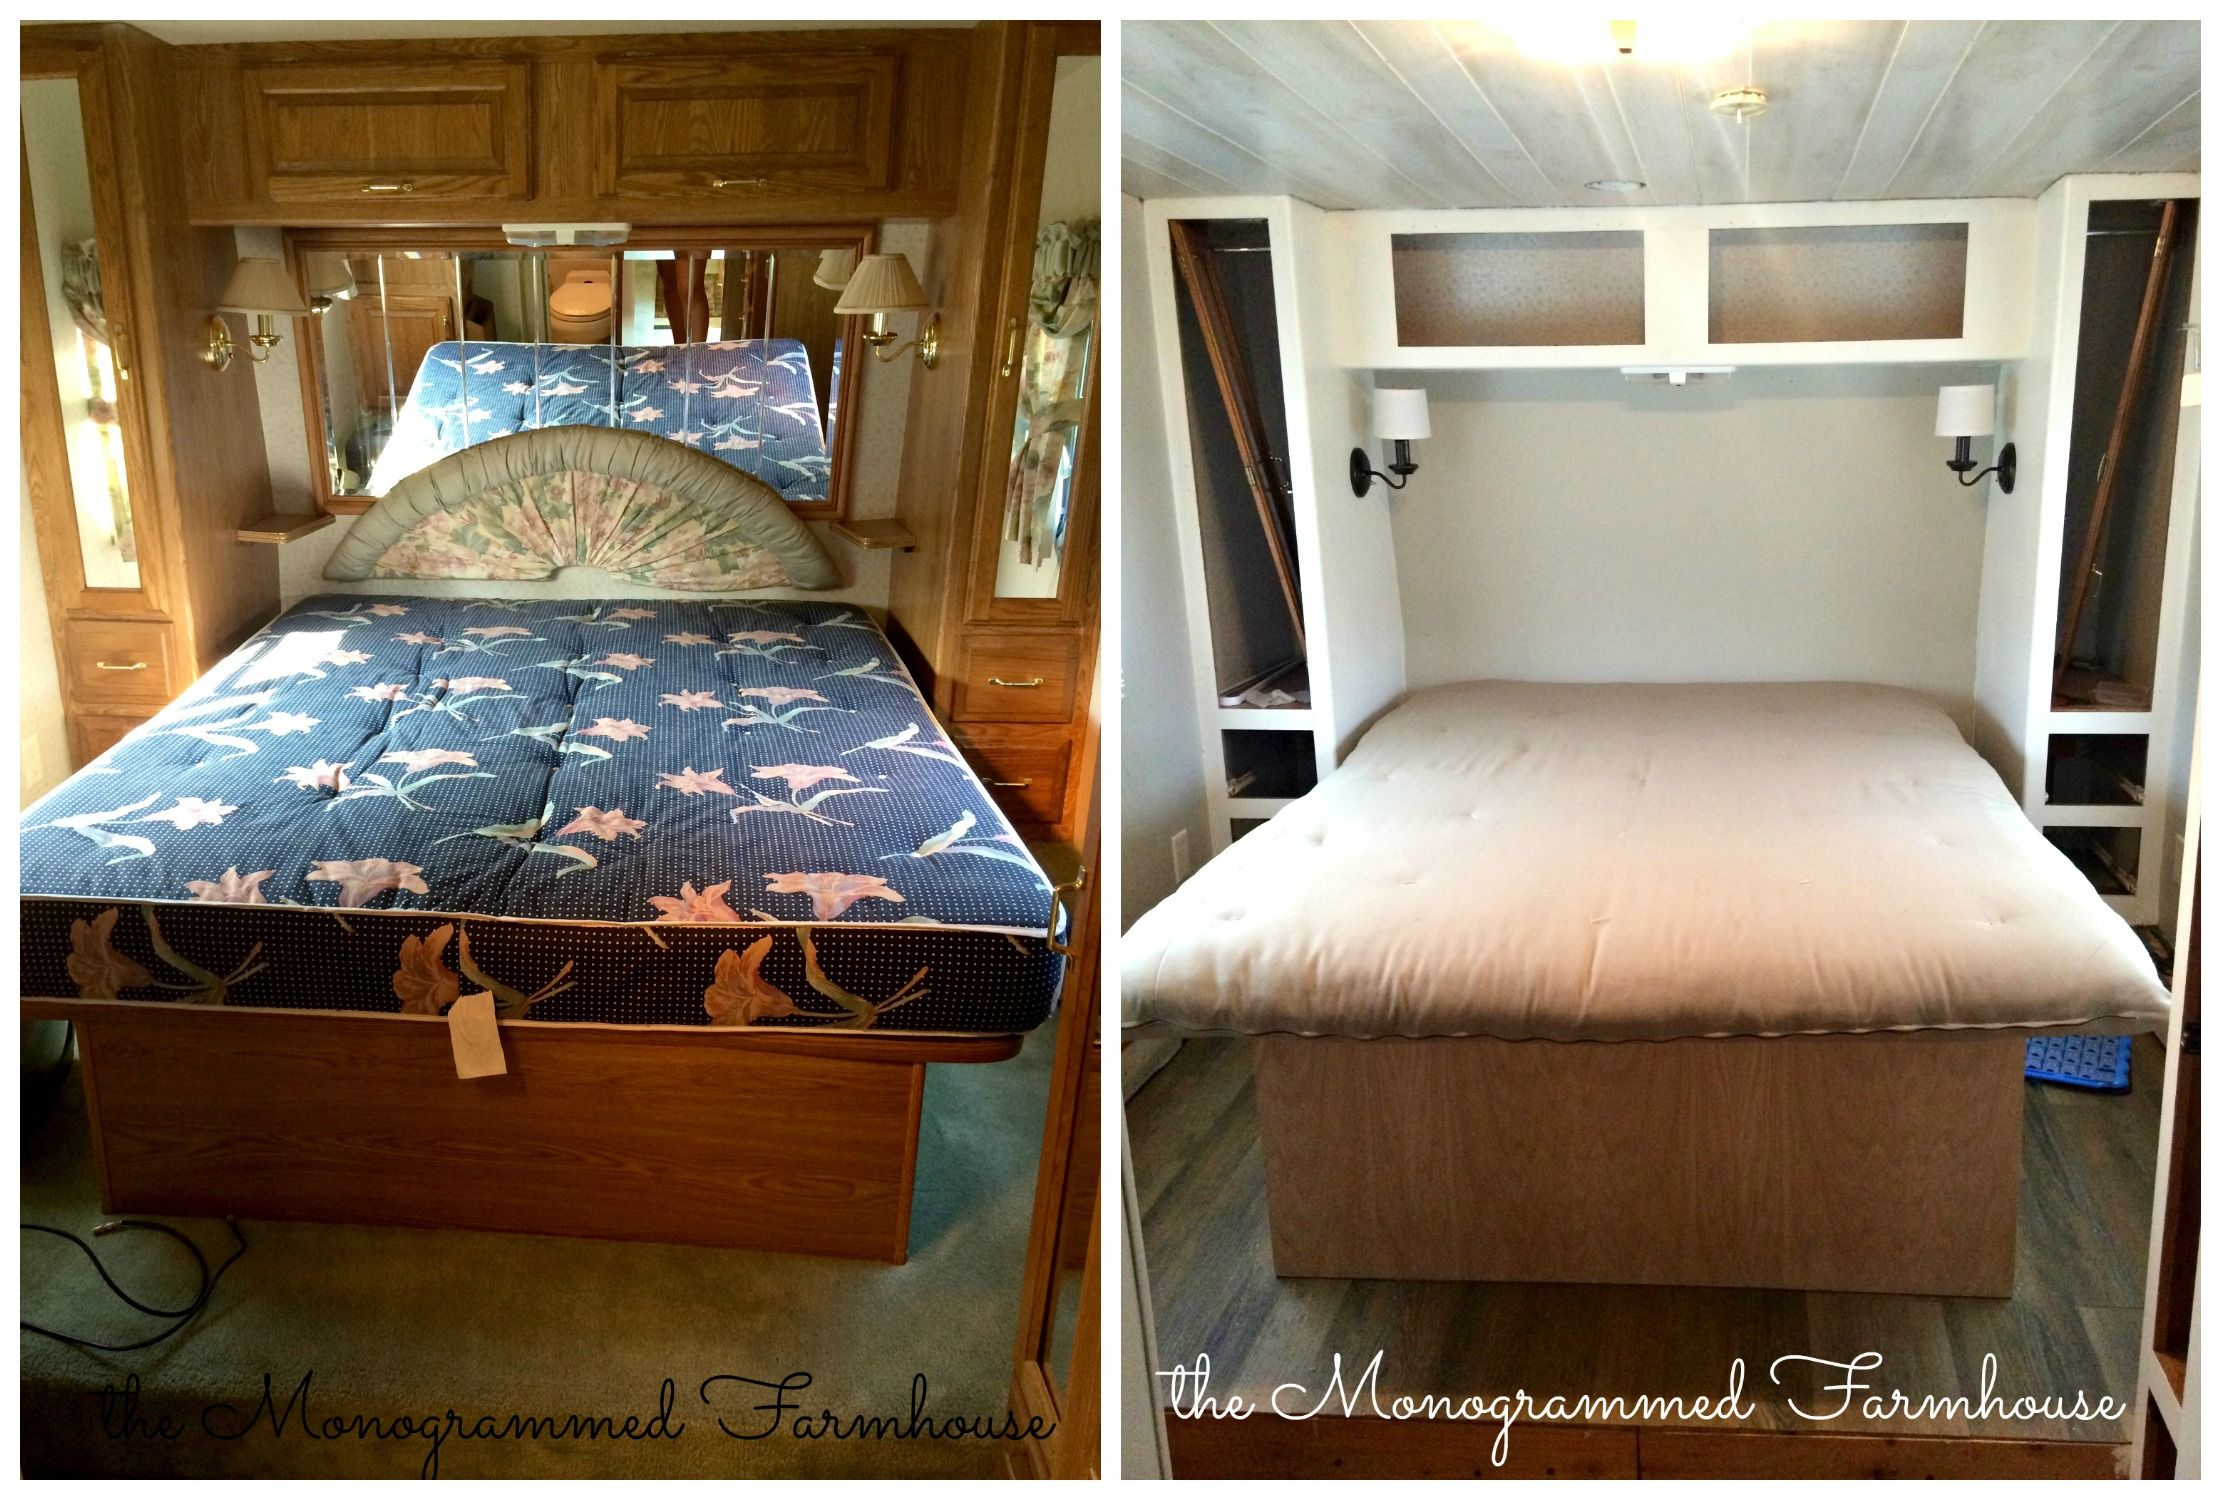 The Camper Renovation- Progress! | Remodeled campers ...